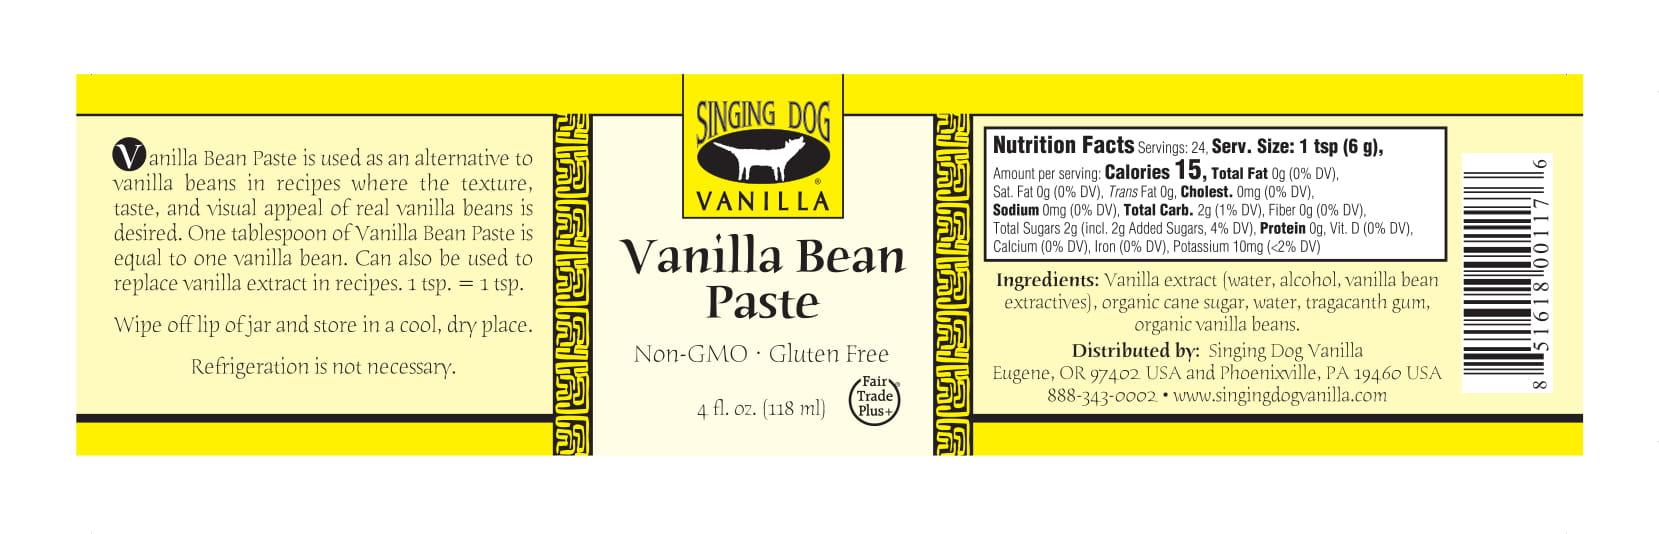 Label-for-Vanilla-Bean-Paste-4-oz - Singing Dog Vanilla